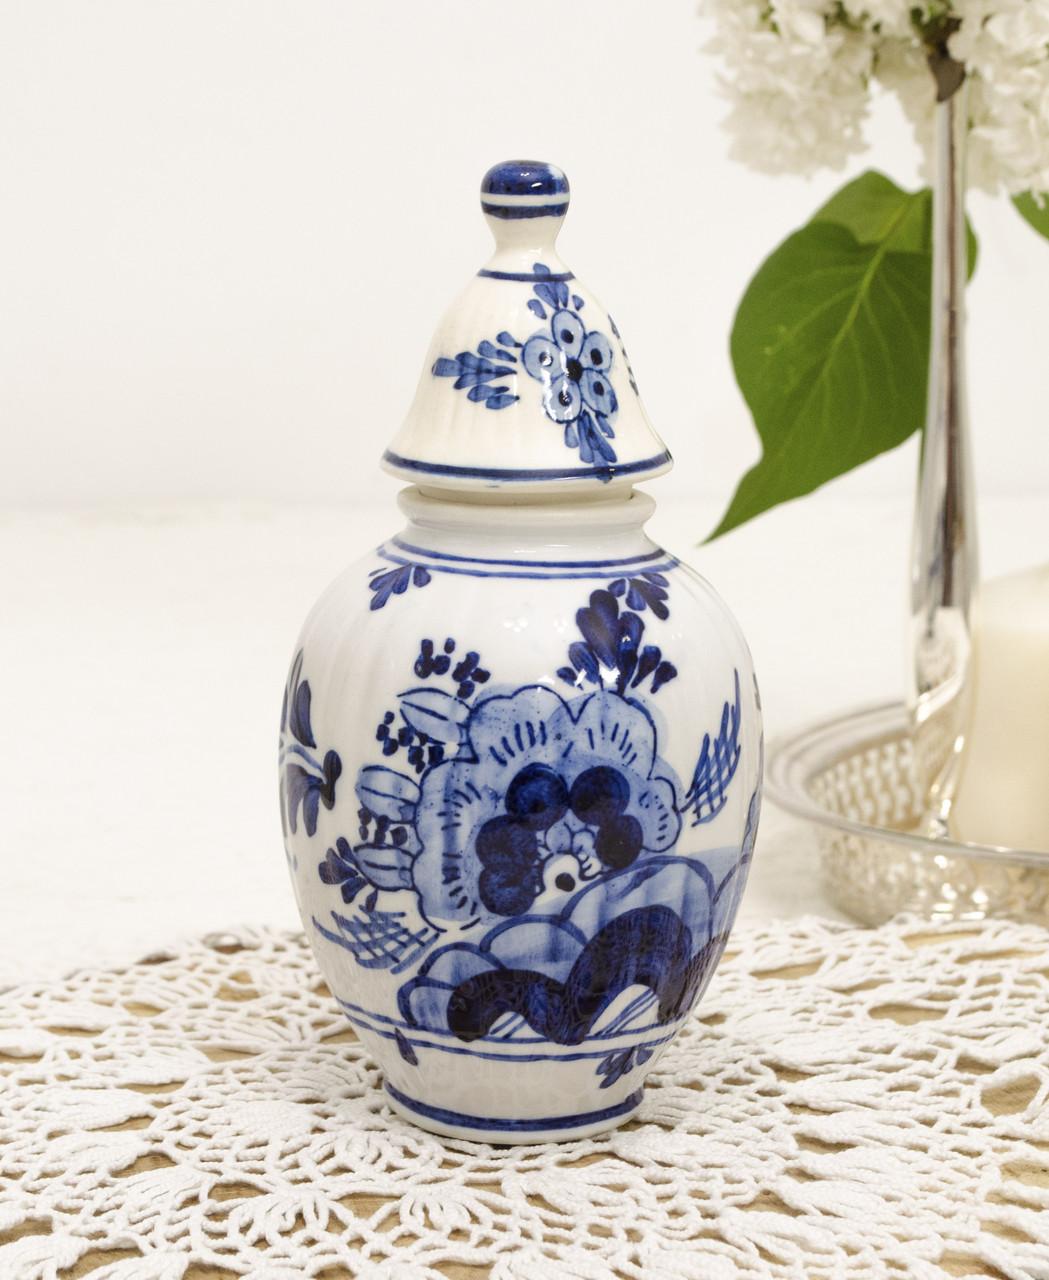 Коллекционная фарфоровая вазочка, банка с крышкой, Делфт, Delft, Голландия